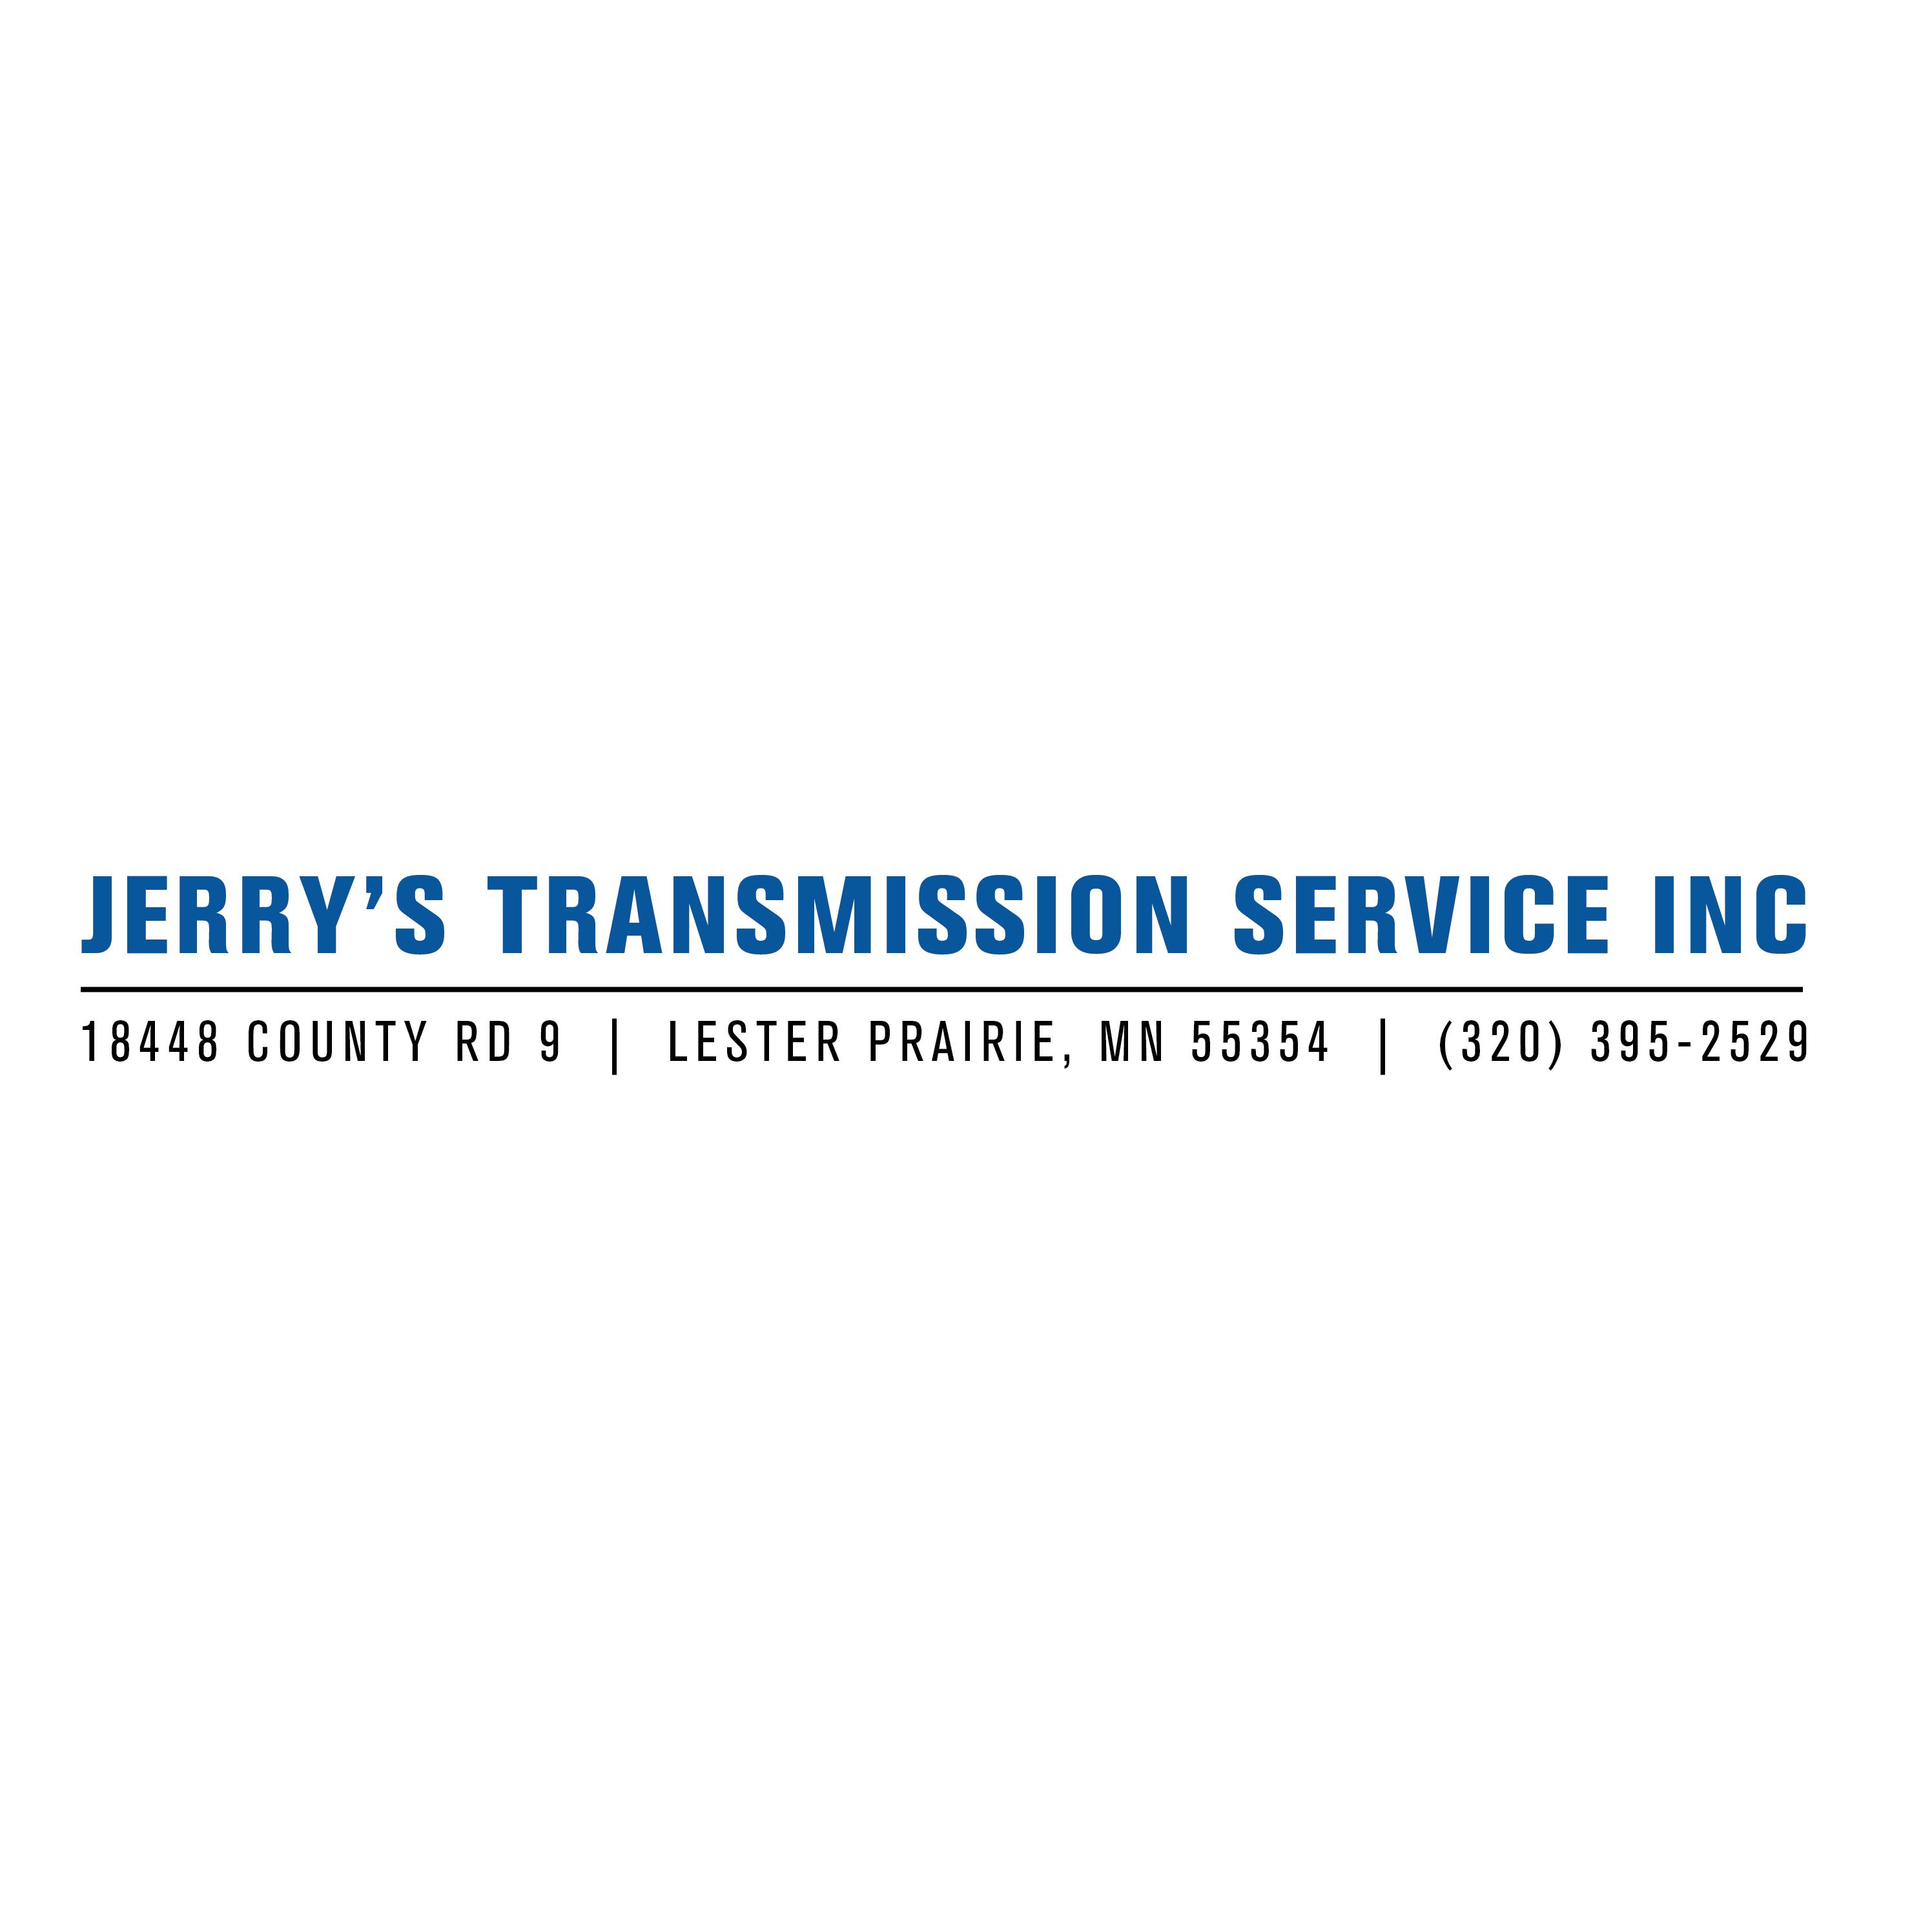 Jerry's Transmission Service, Inc